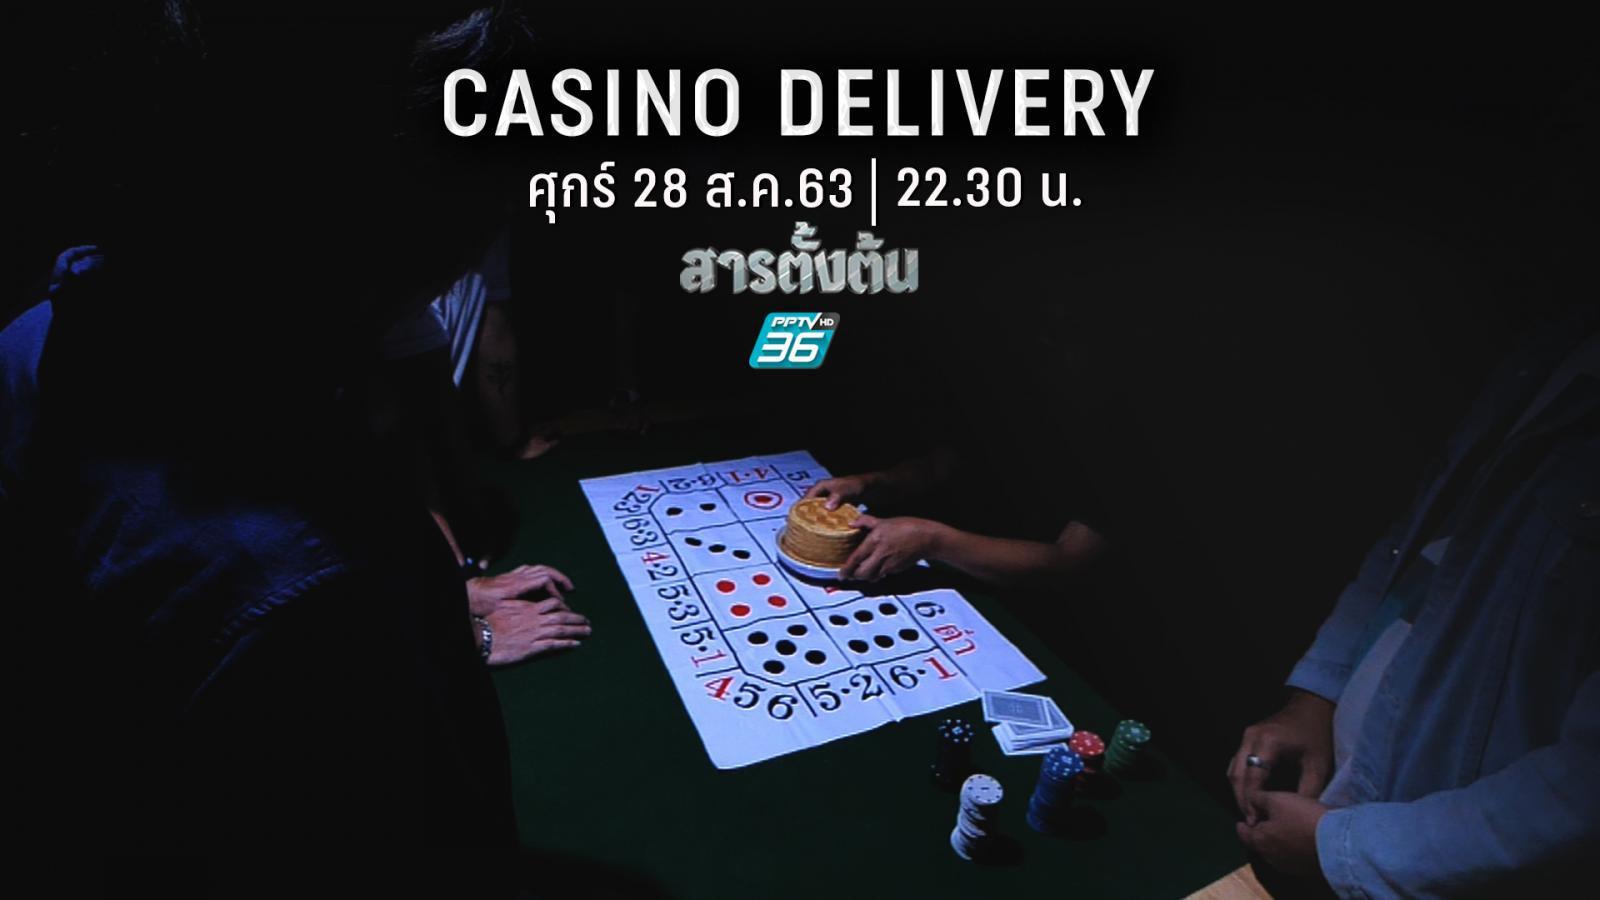 Casino Delivery